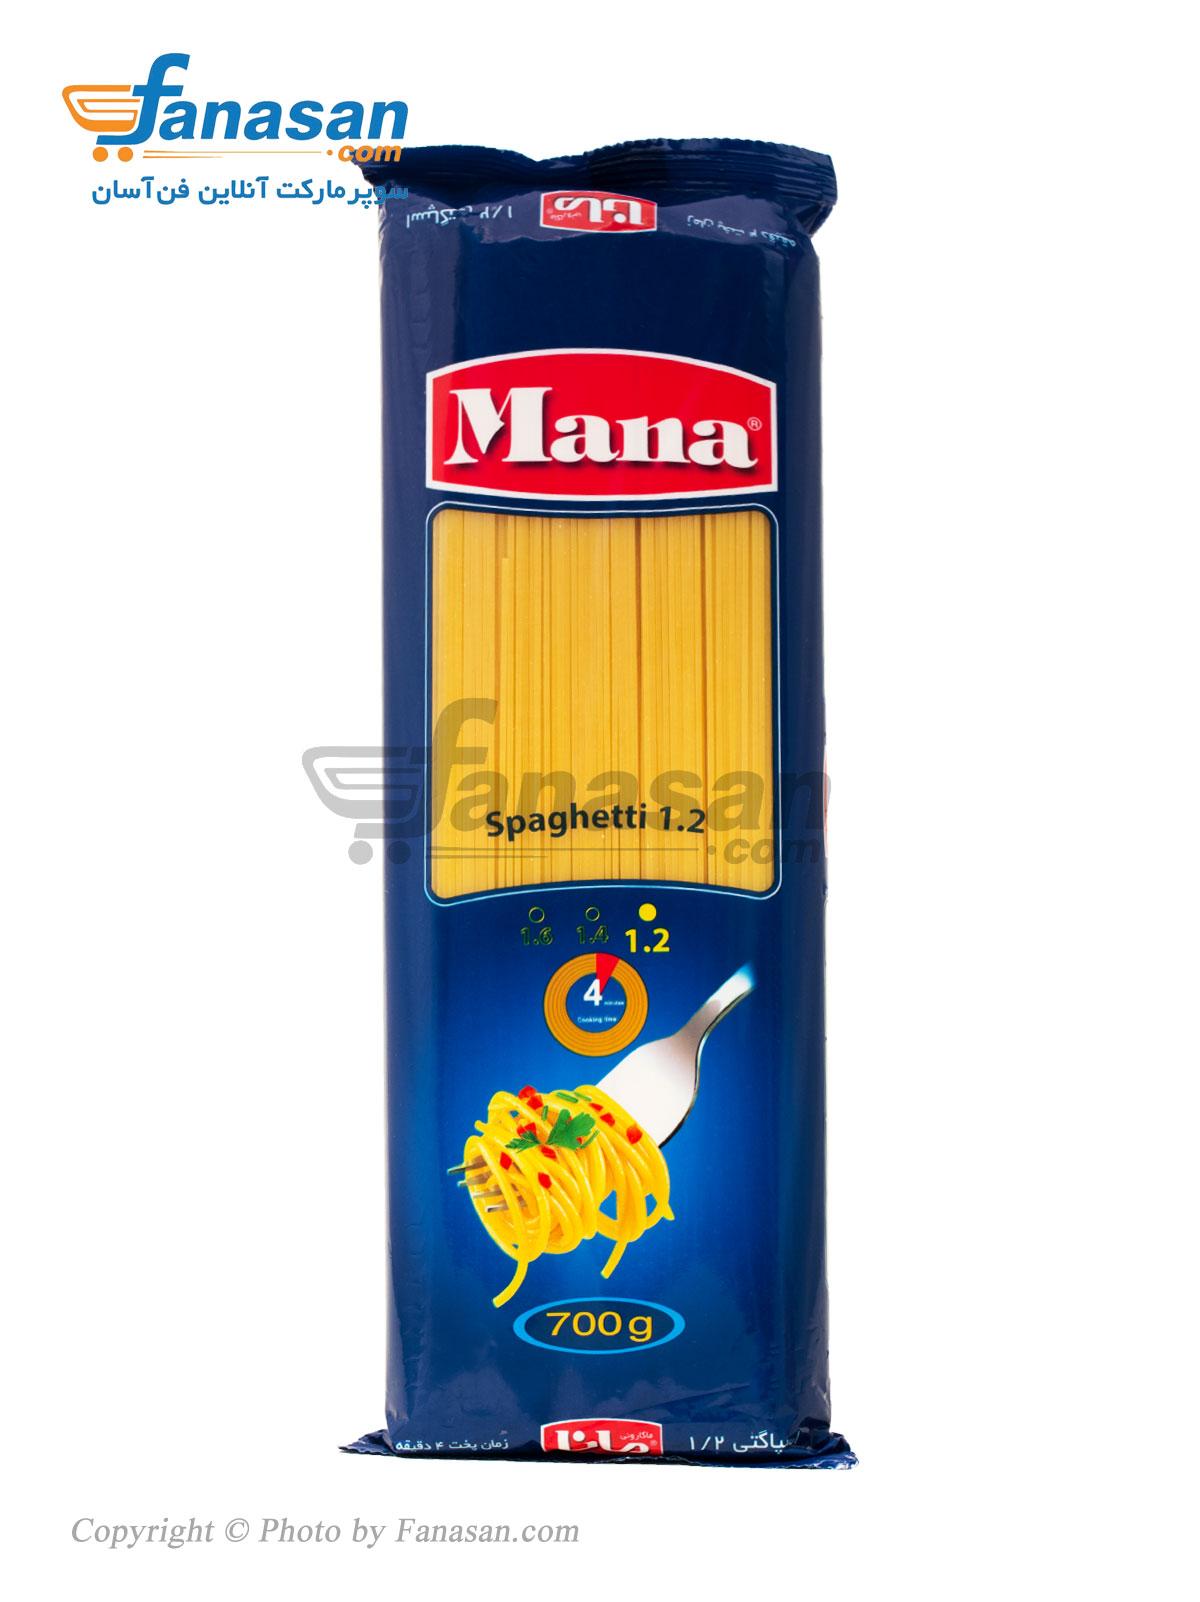 اسپاگتی 1/2 مانا با آرد سمولینا 700 گرم